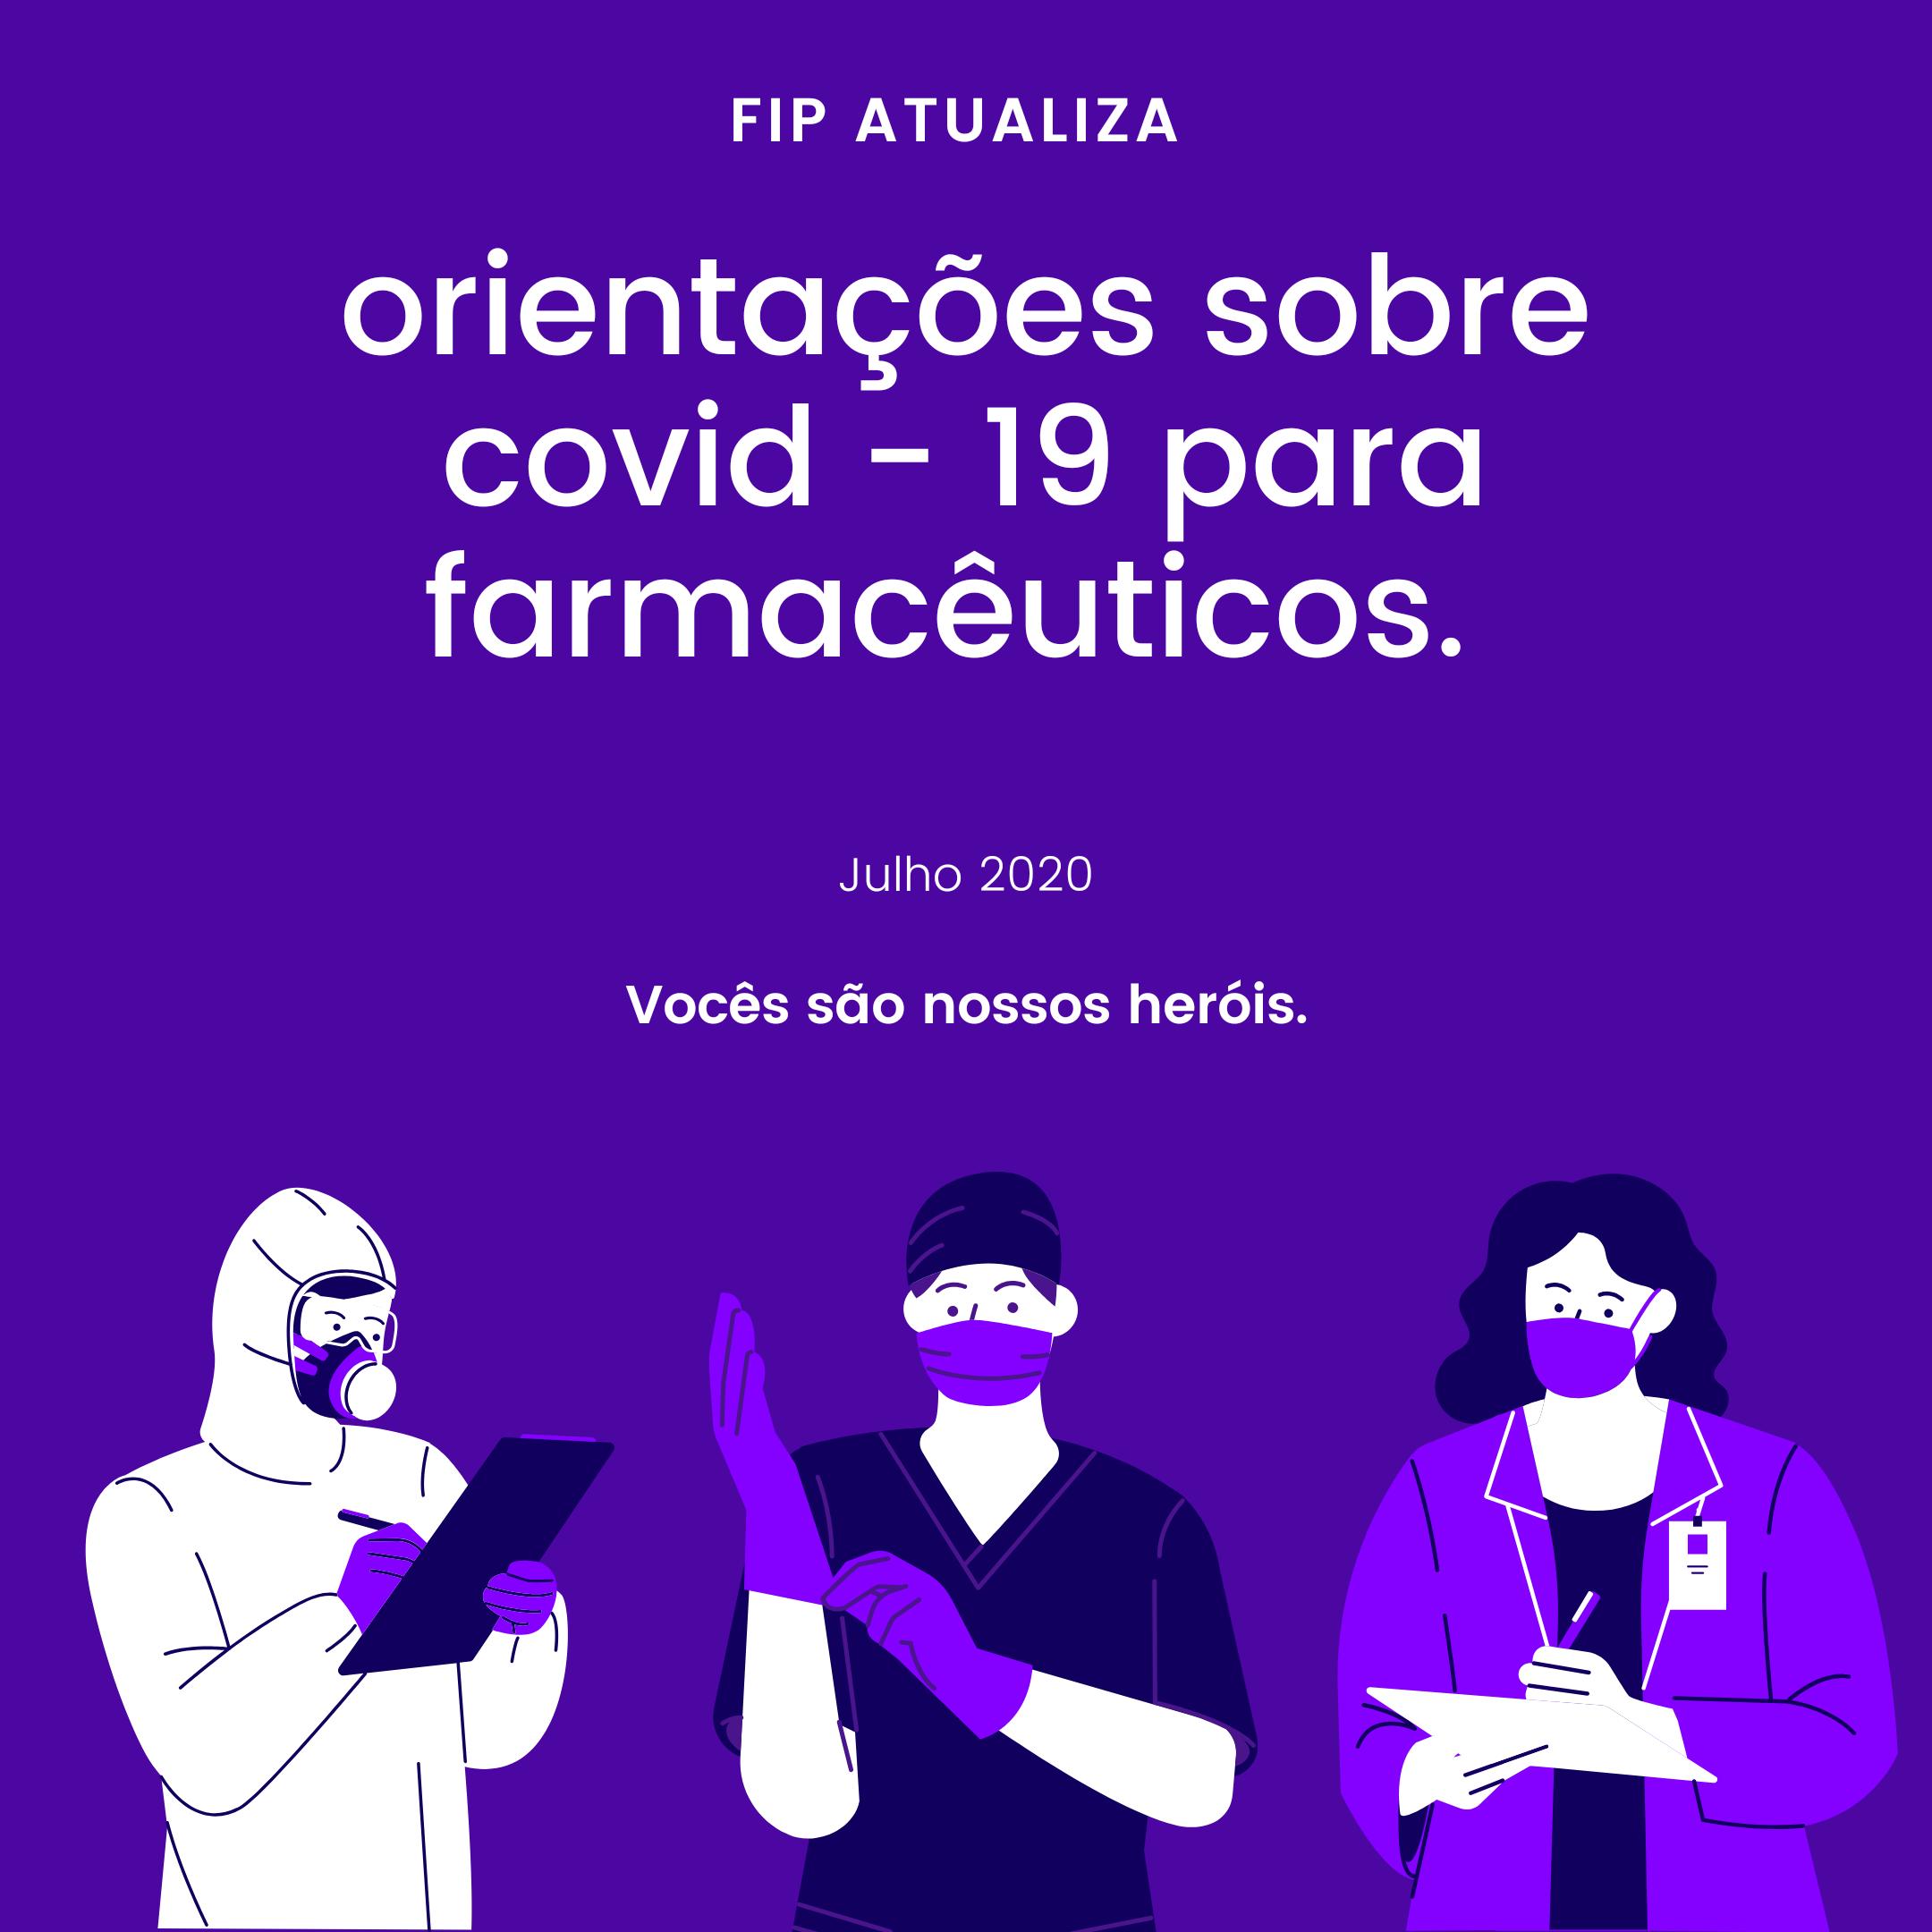 FIP atualiza orientações sobre Covid-19 para farmacêuticos.